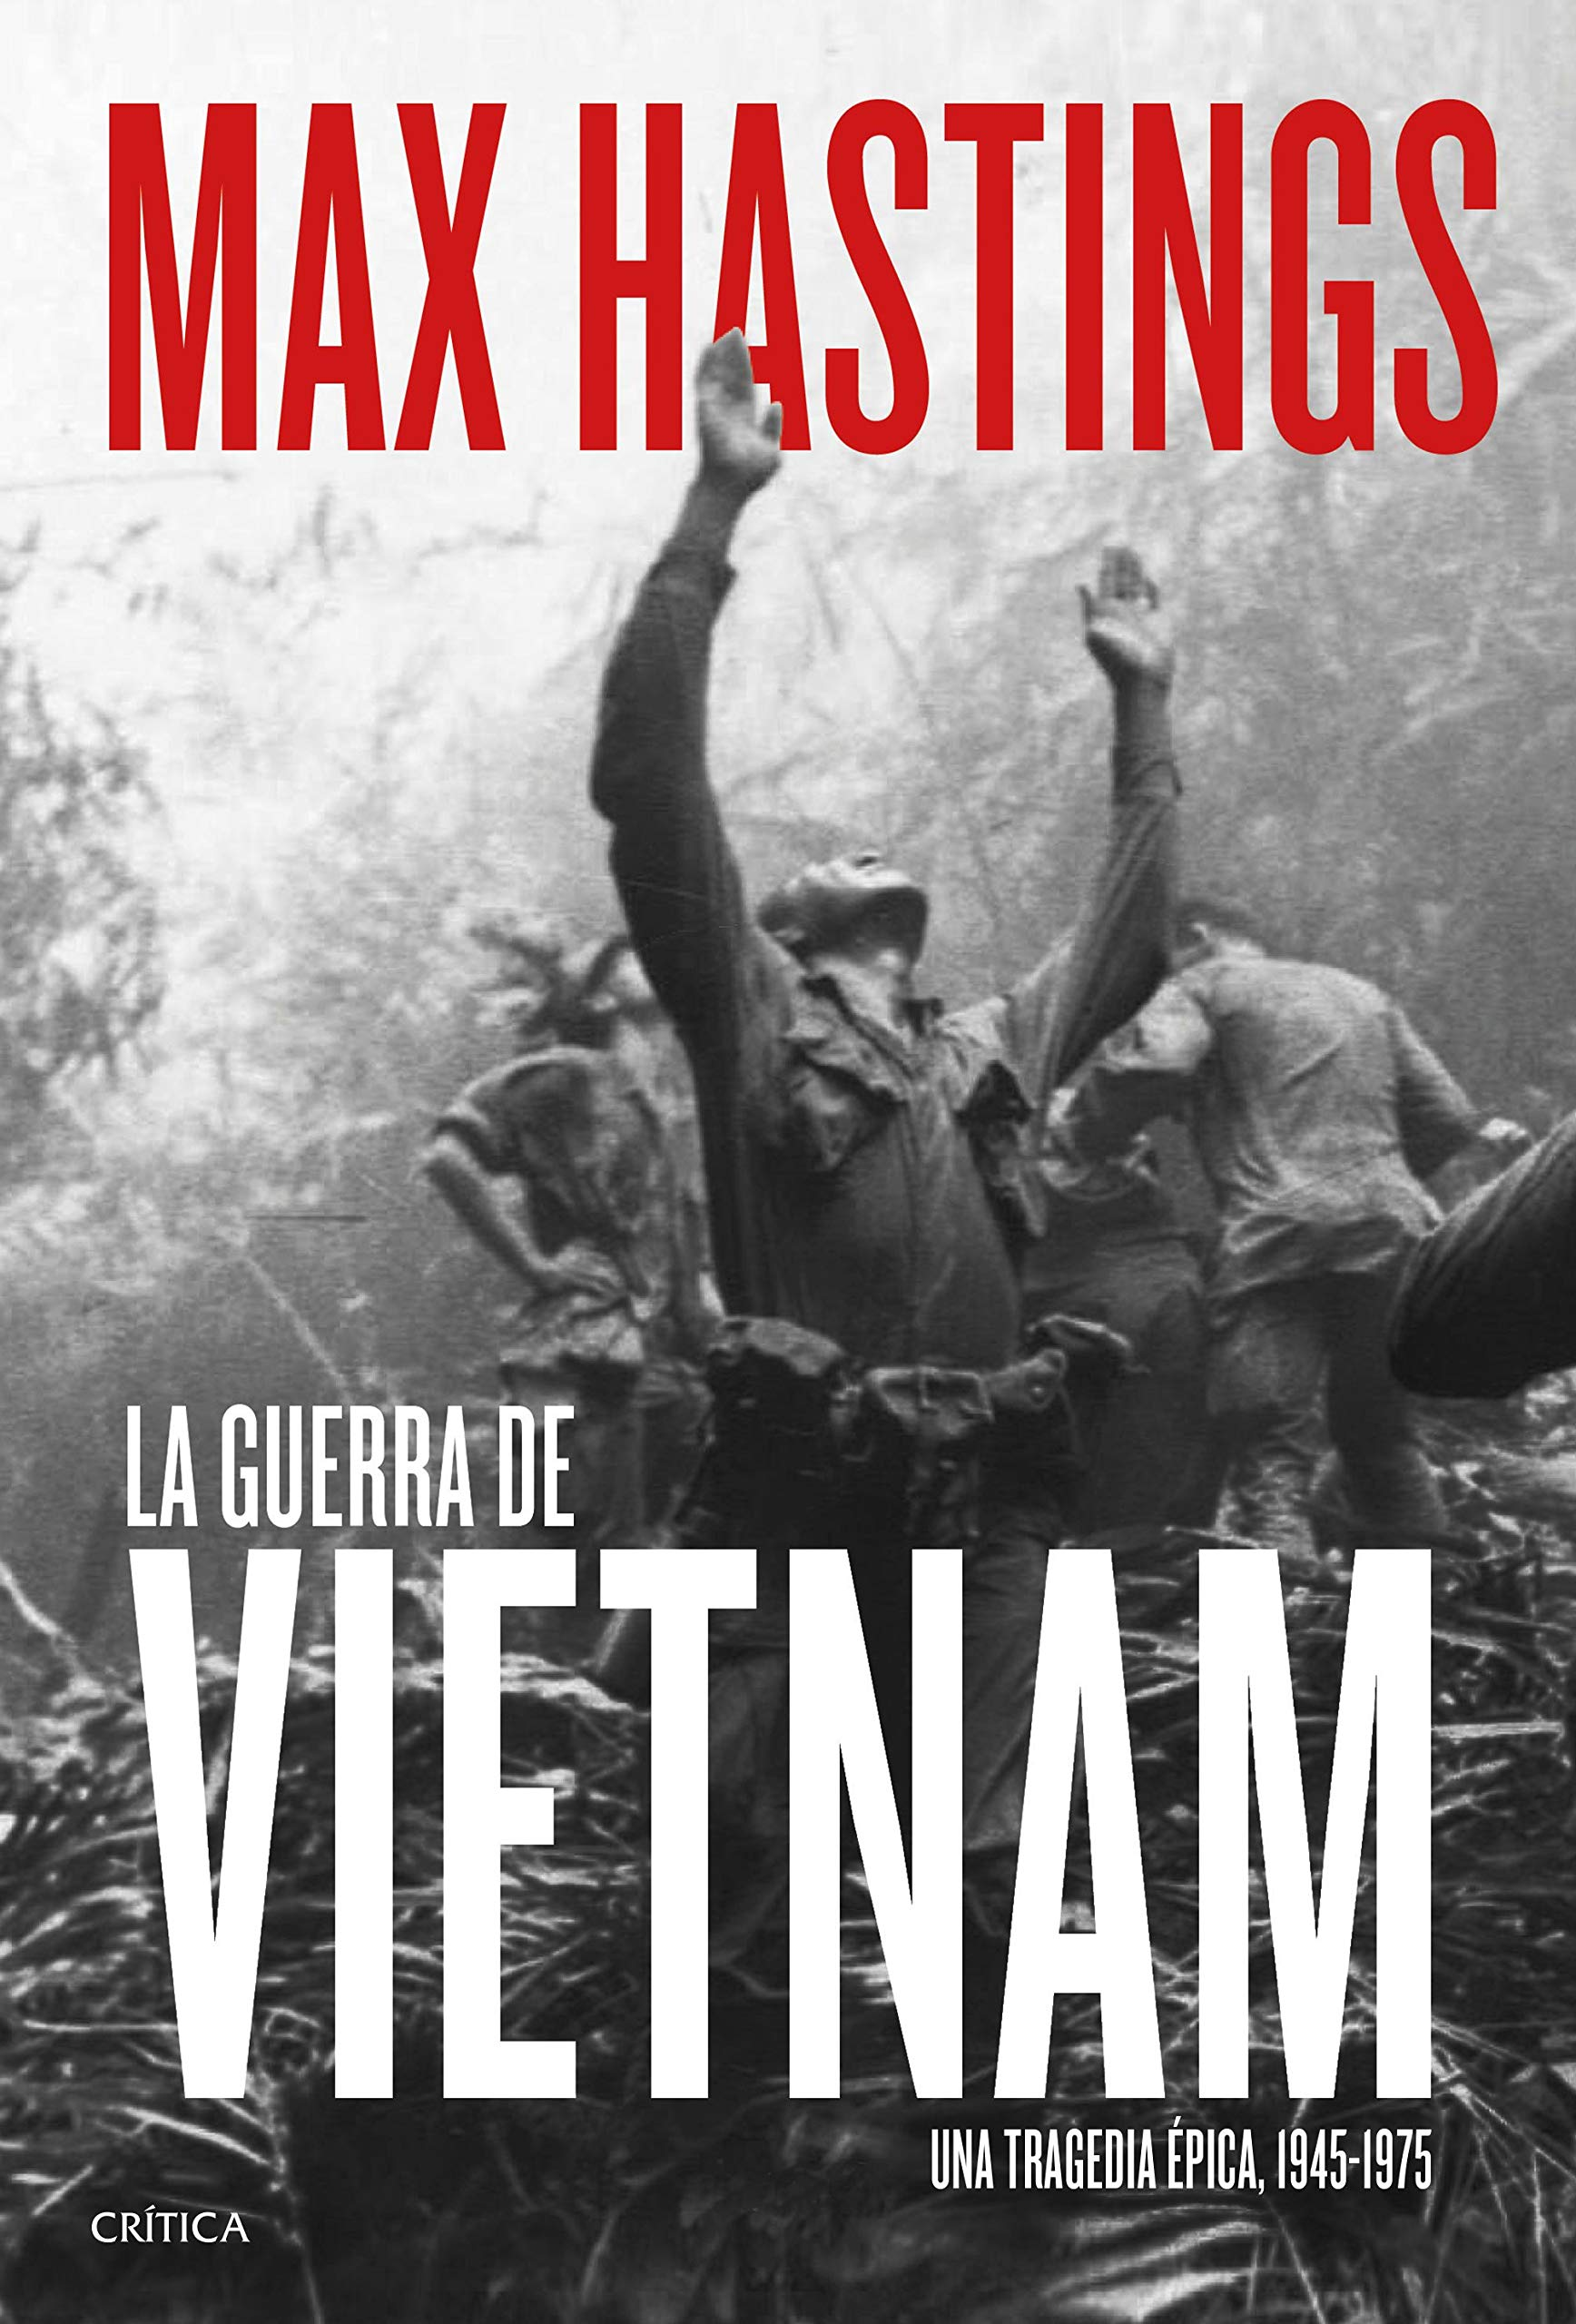 La guerra de Vietnam: Una tragedia épica, 1945-1975